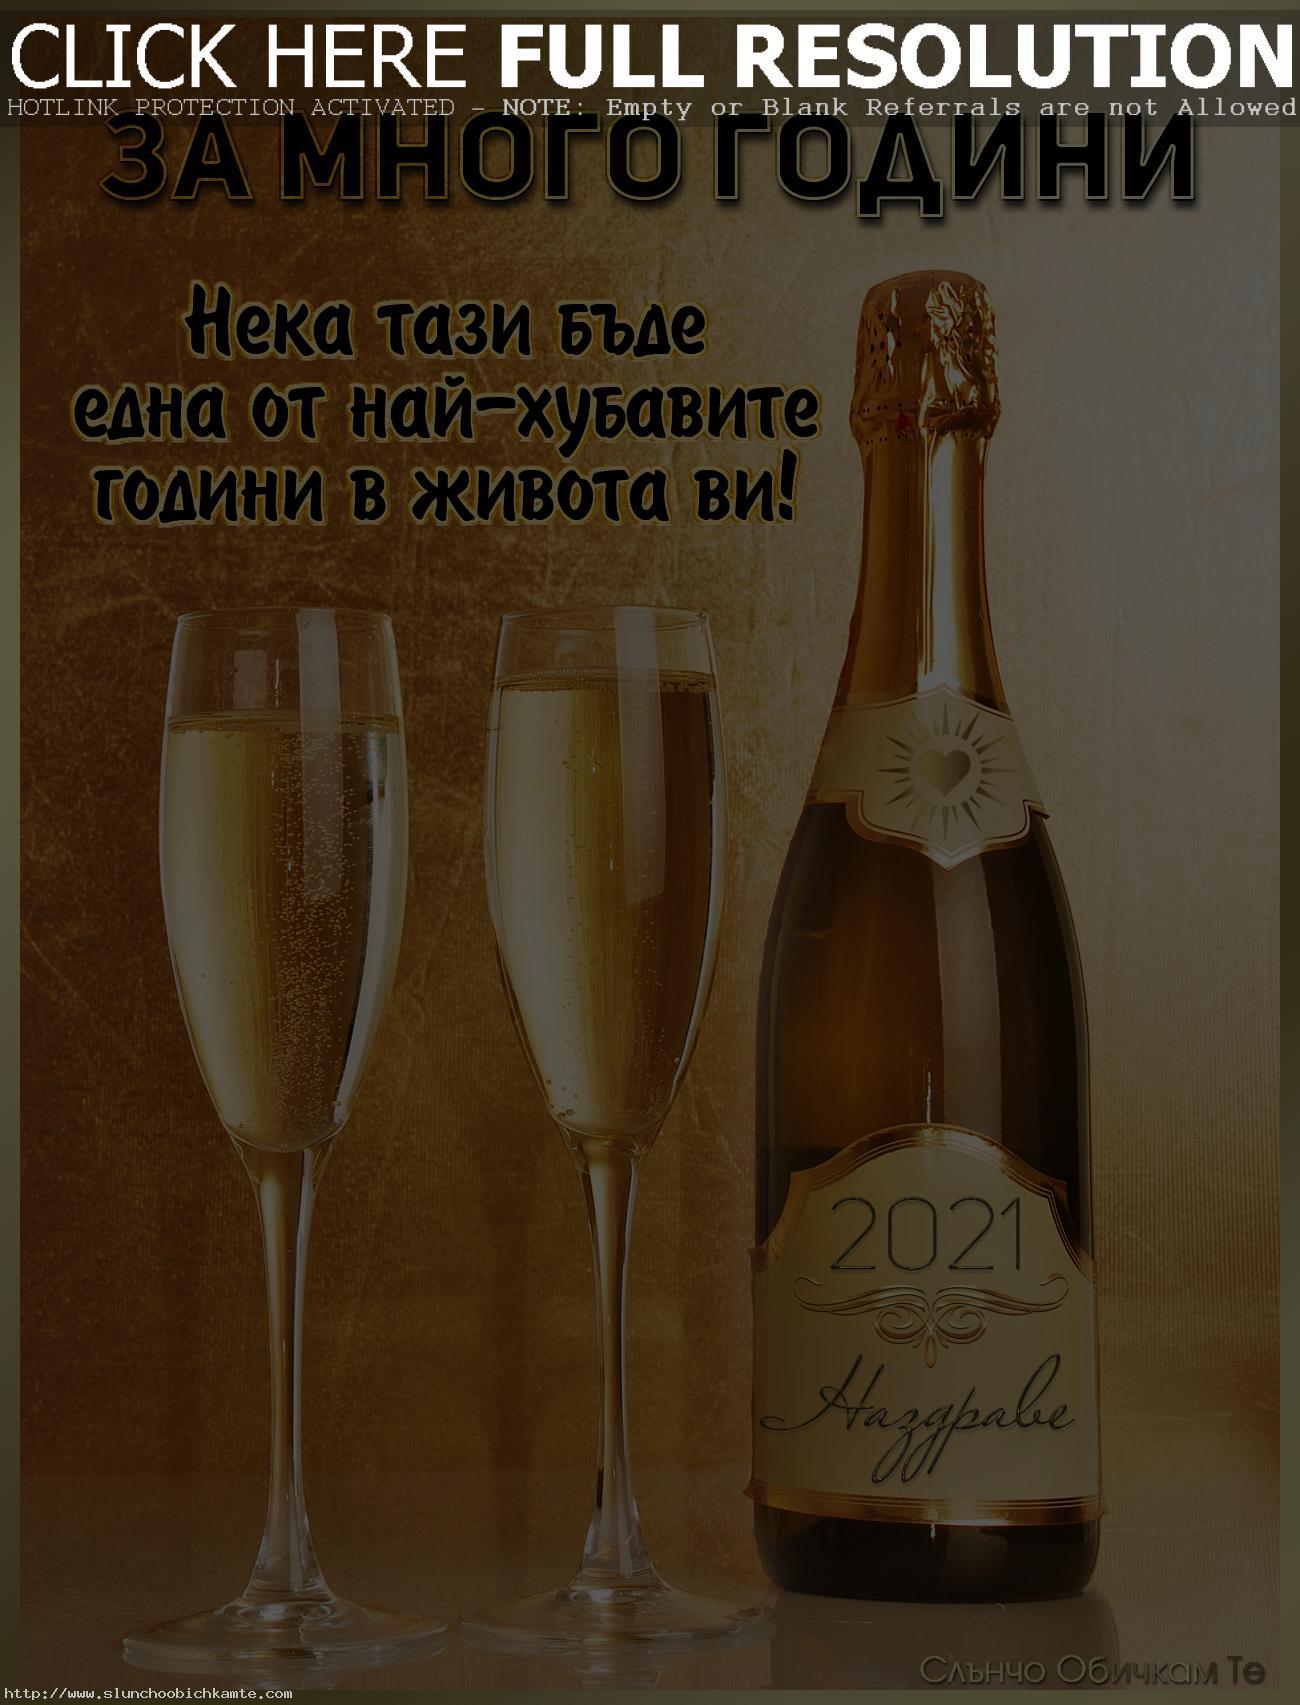 За много години 2021 - Картички за Нова Година 2021, пожелания за Нова година